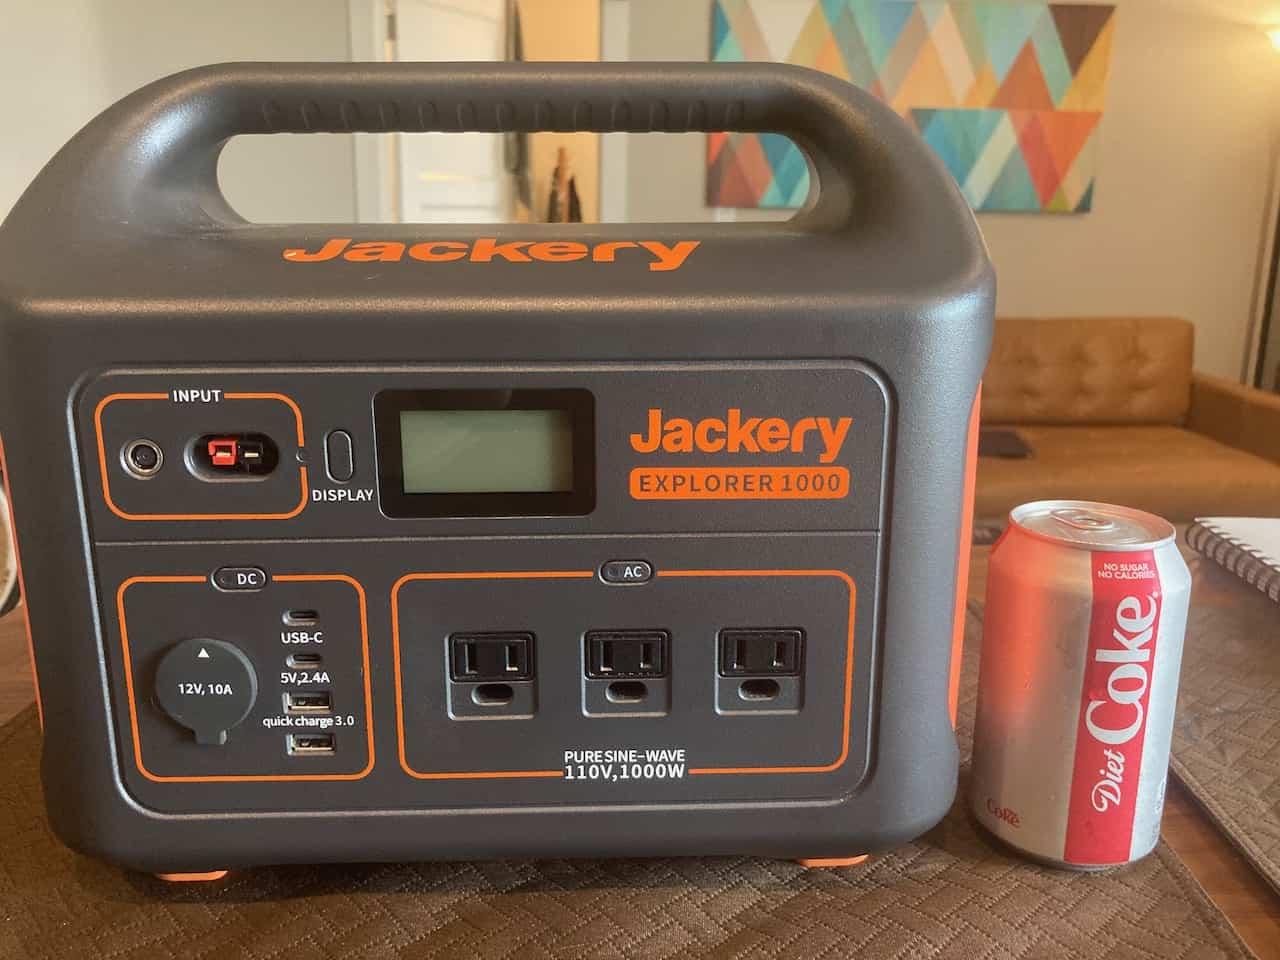 Jackery Explorer 1000